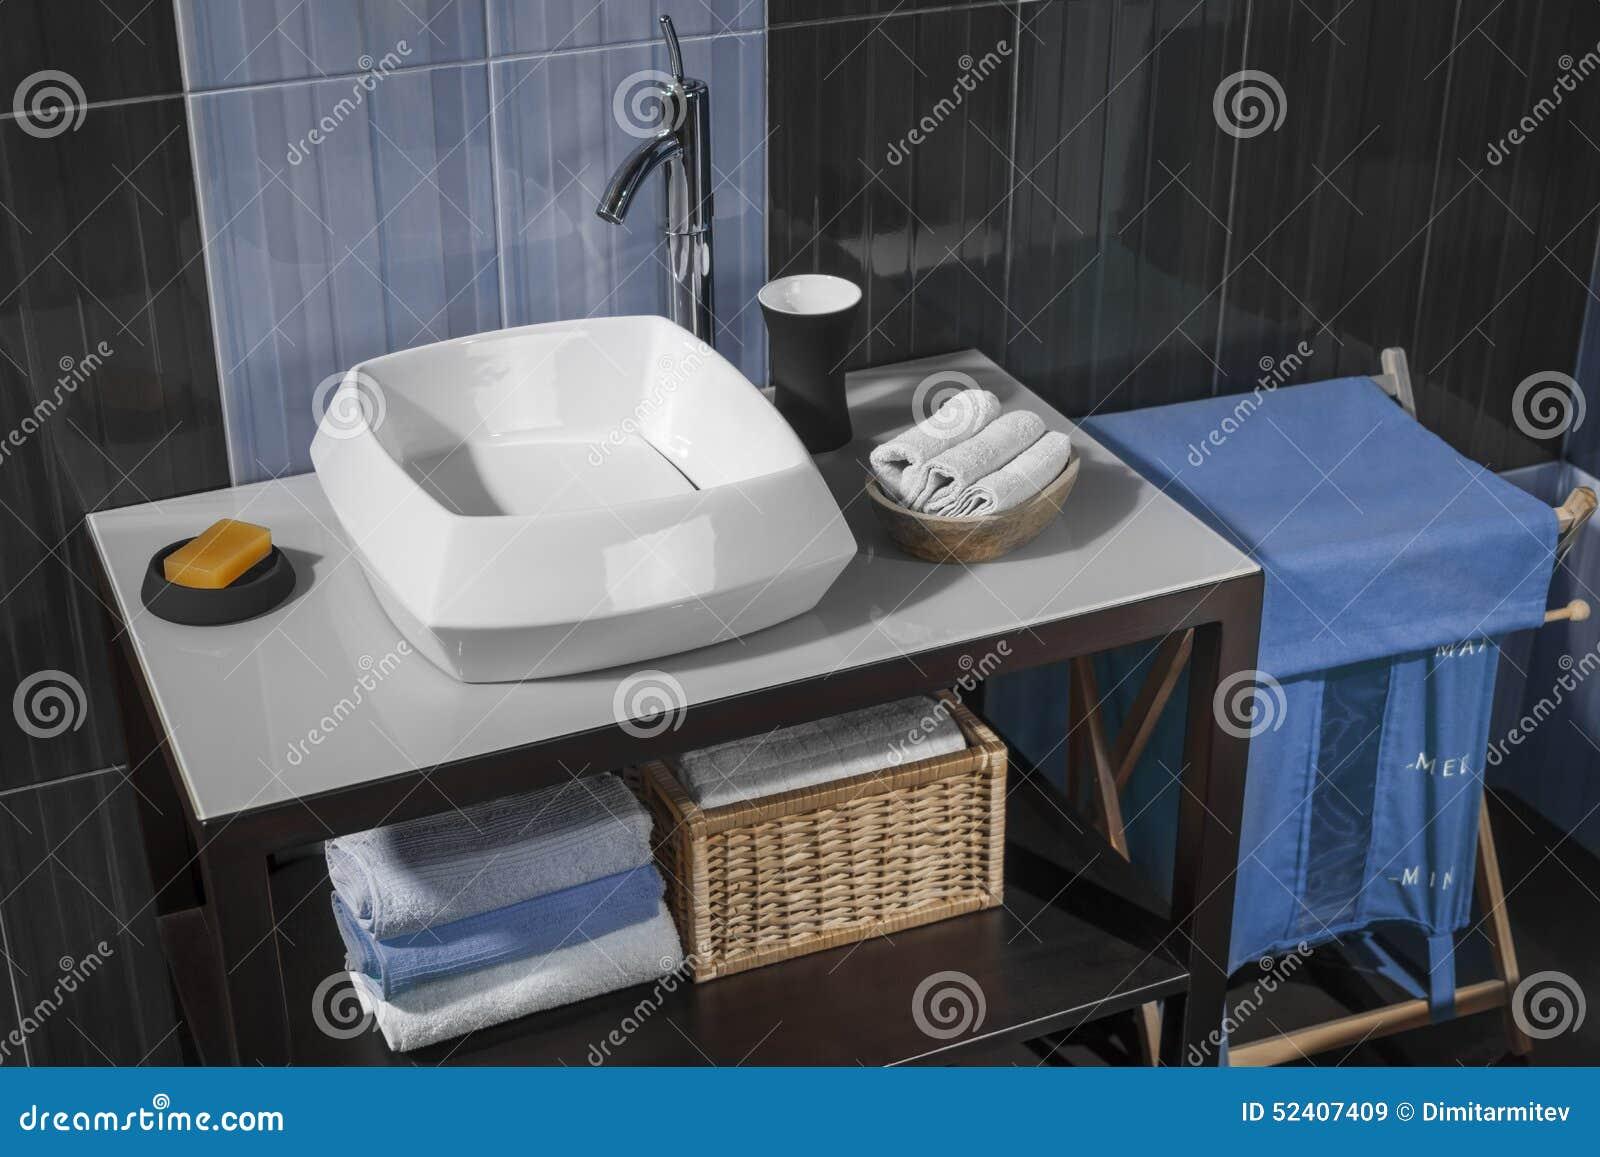 Detalhe de um banheiro moderno com dissipador e acessórios -> Acessorios Banheiro Moderno